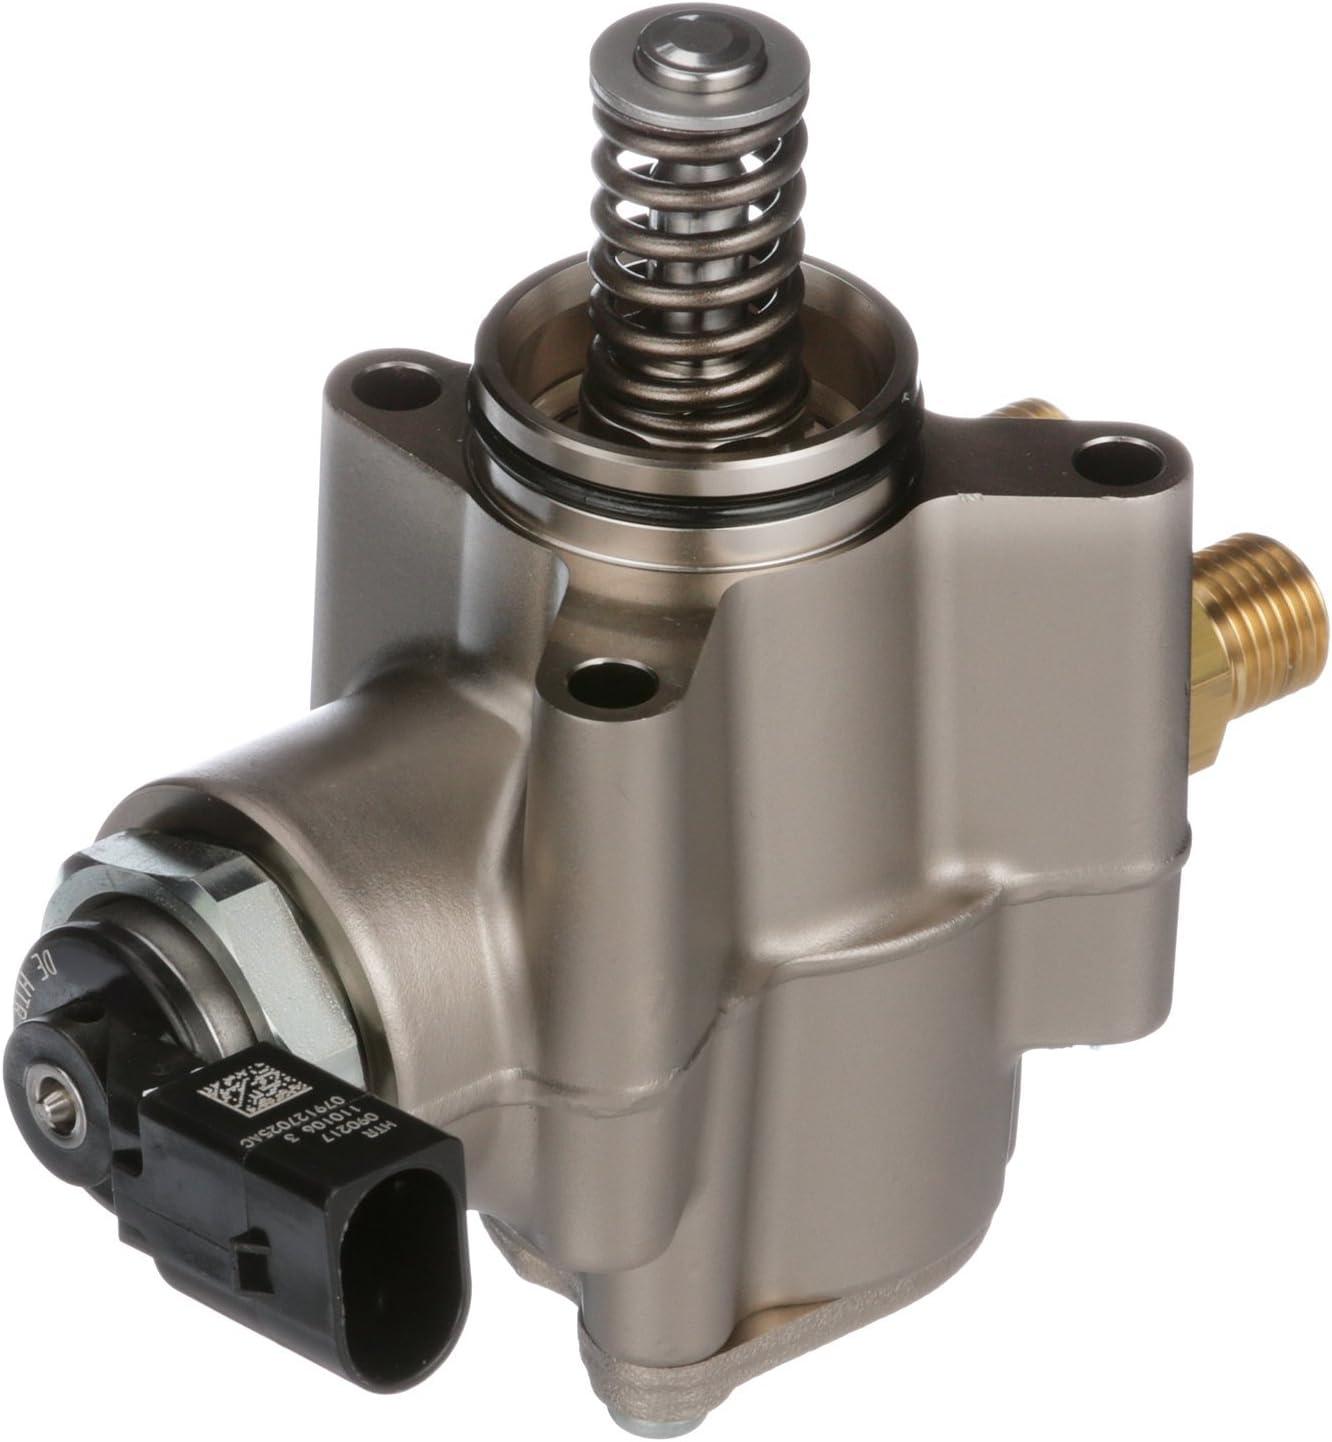 Delphi HM10046 Pump Fuel Large-scale Limited Special Price sale